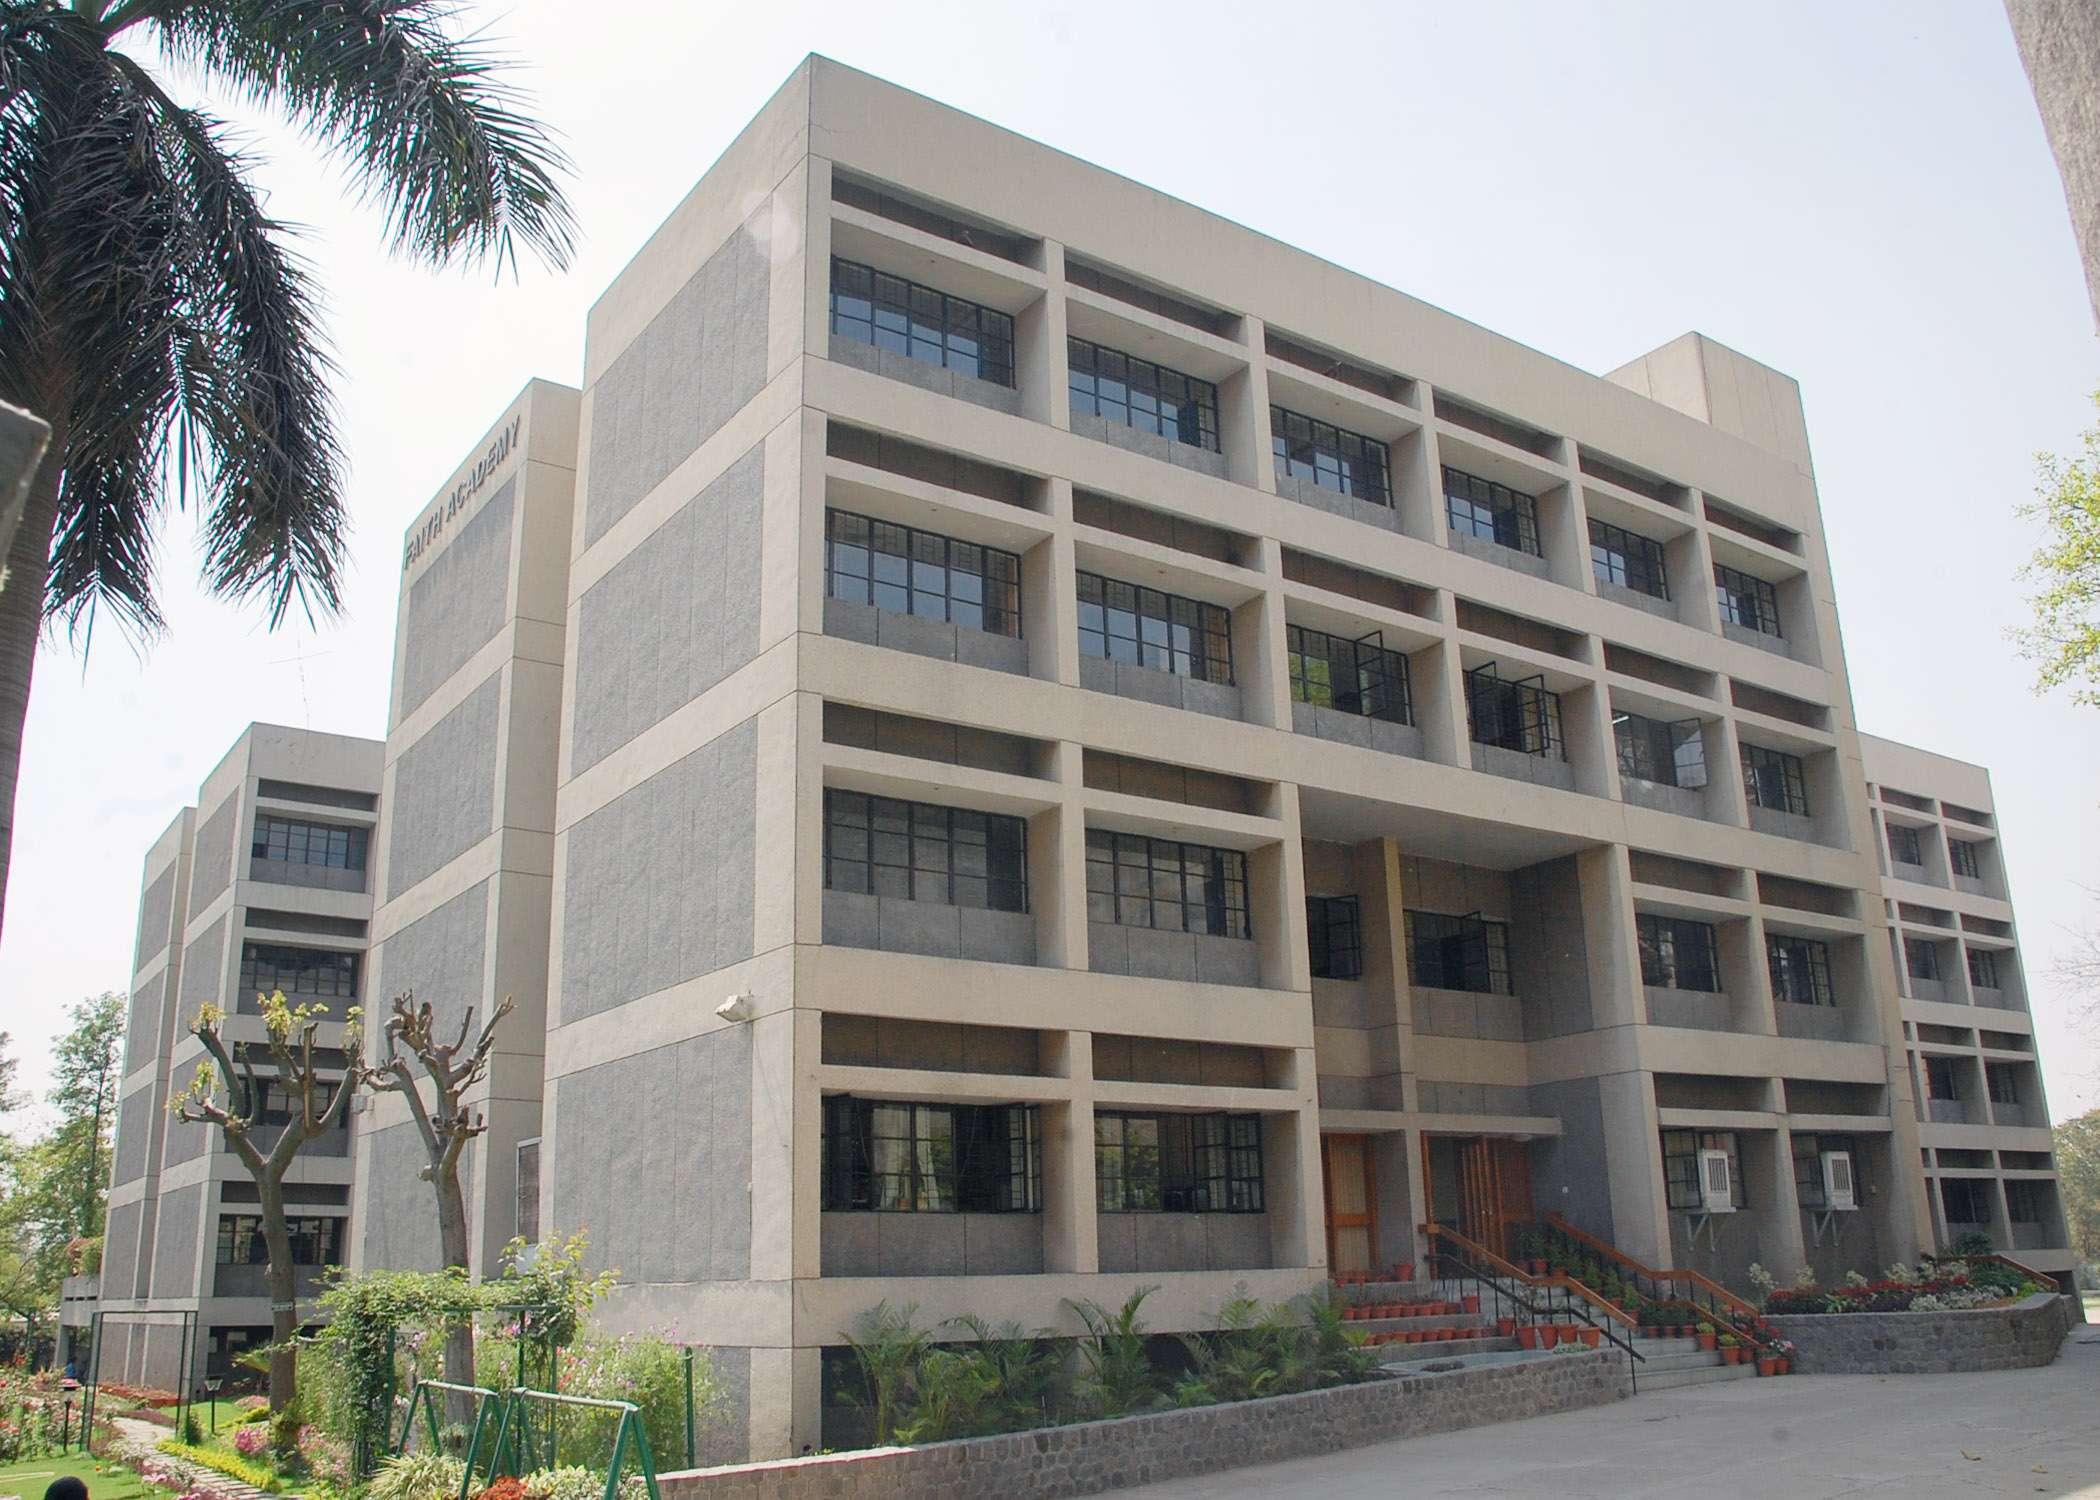 FAITH ACADEMY PRASAD NAGAR NEW DELHI 2730054